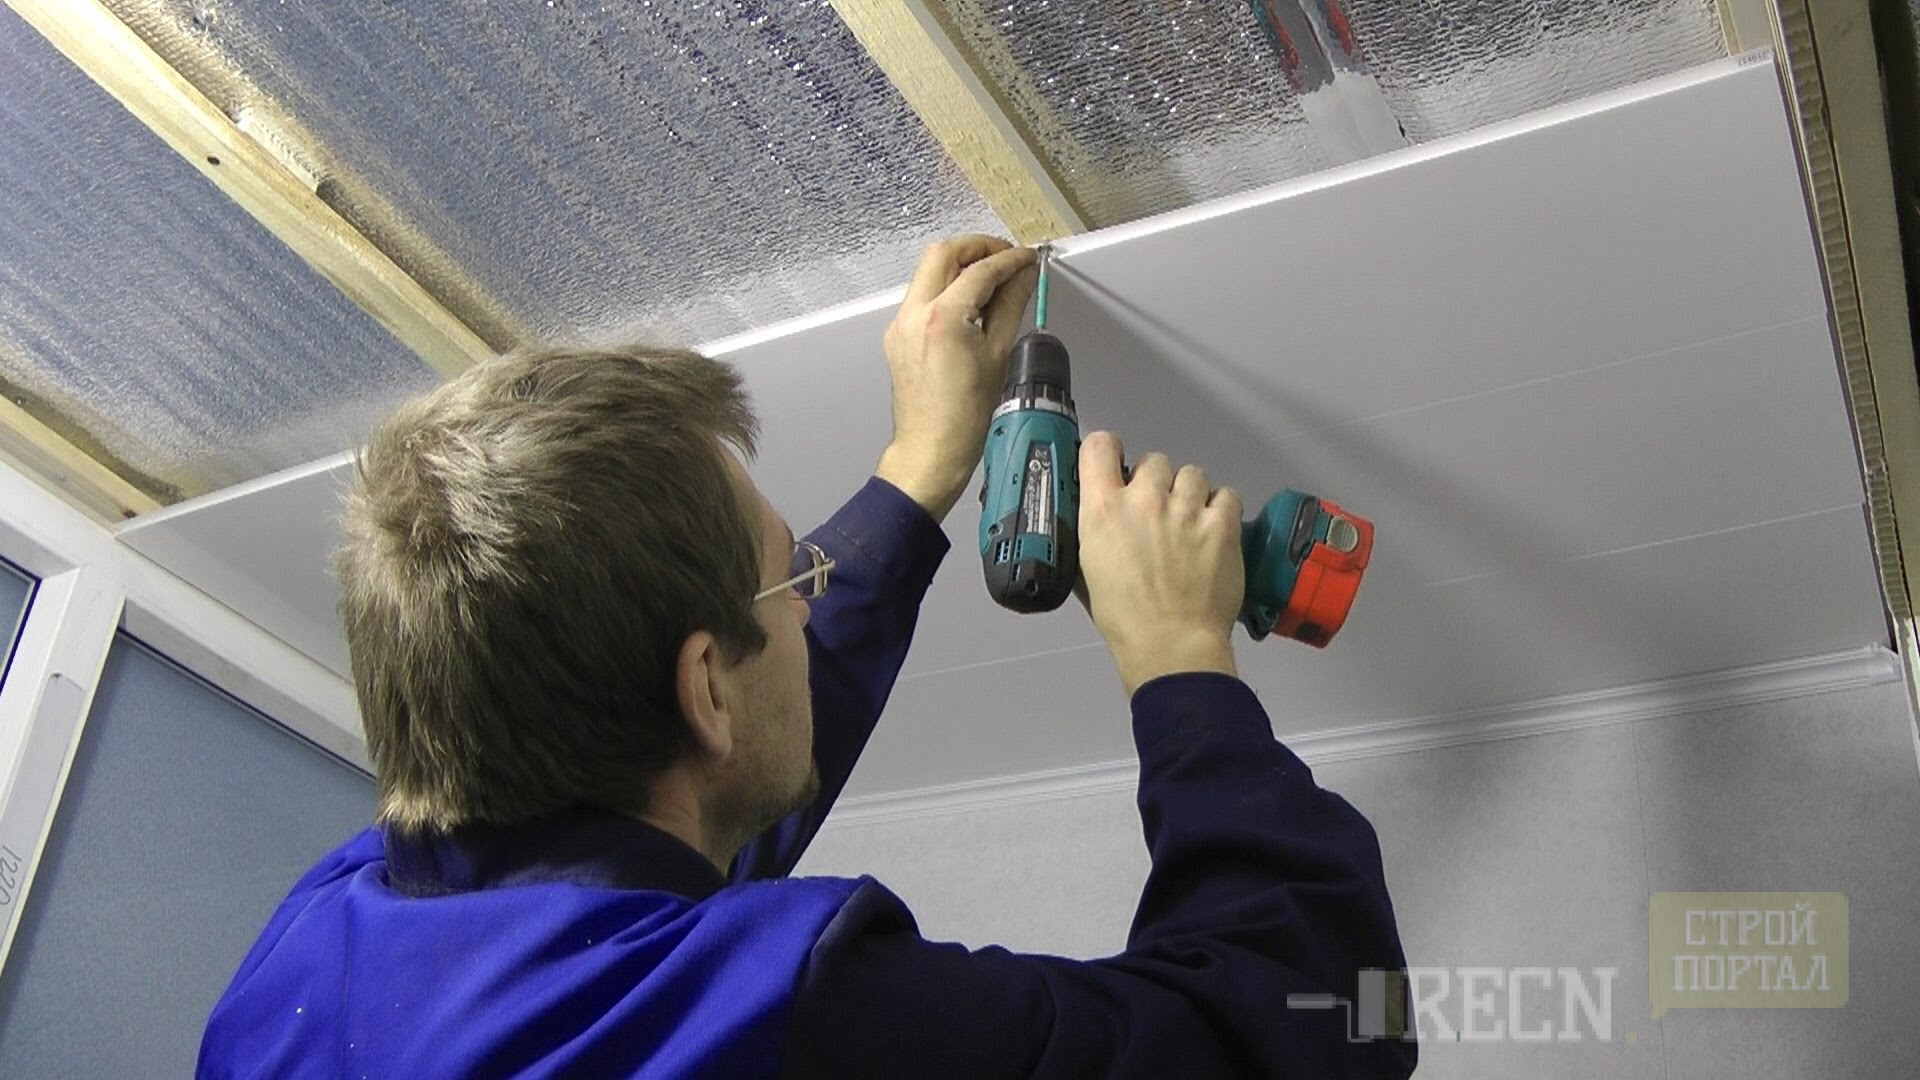 Монтаж потолочных панелей пвх. как крепить потолочный плинту.